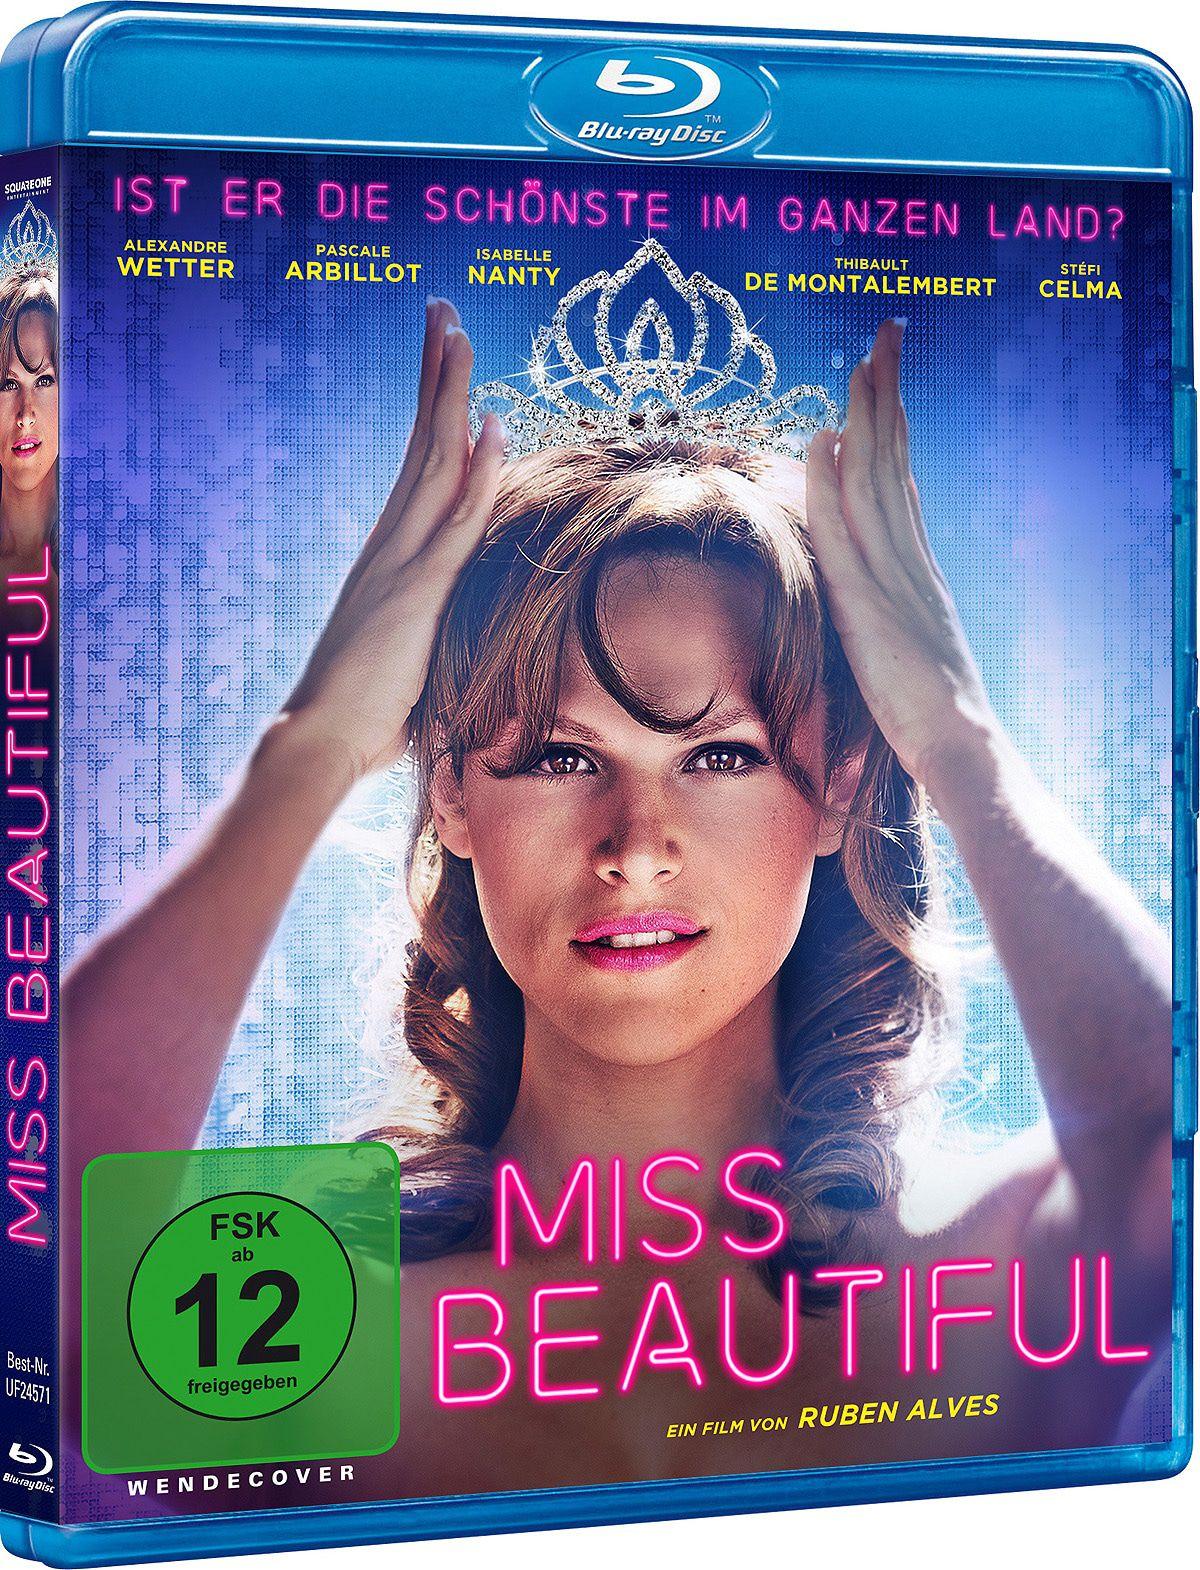 """Verlosung """"Miss Beautiful"""": Ist er nicht die Schönste im ganzen Land?"""